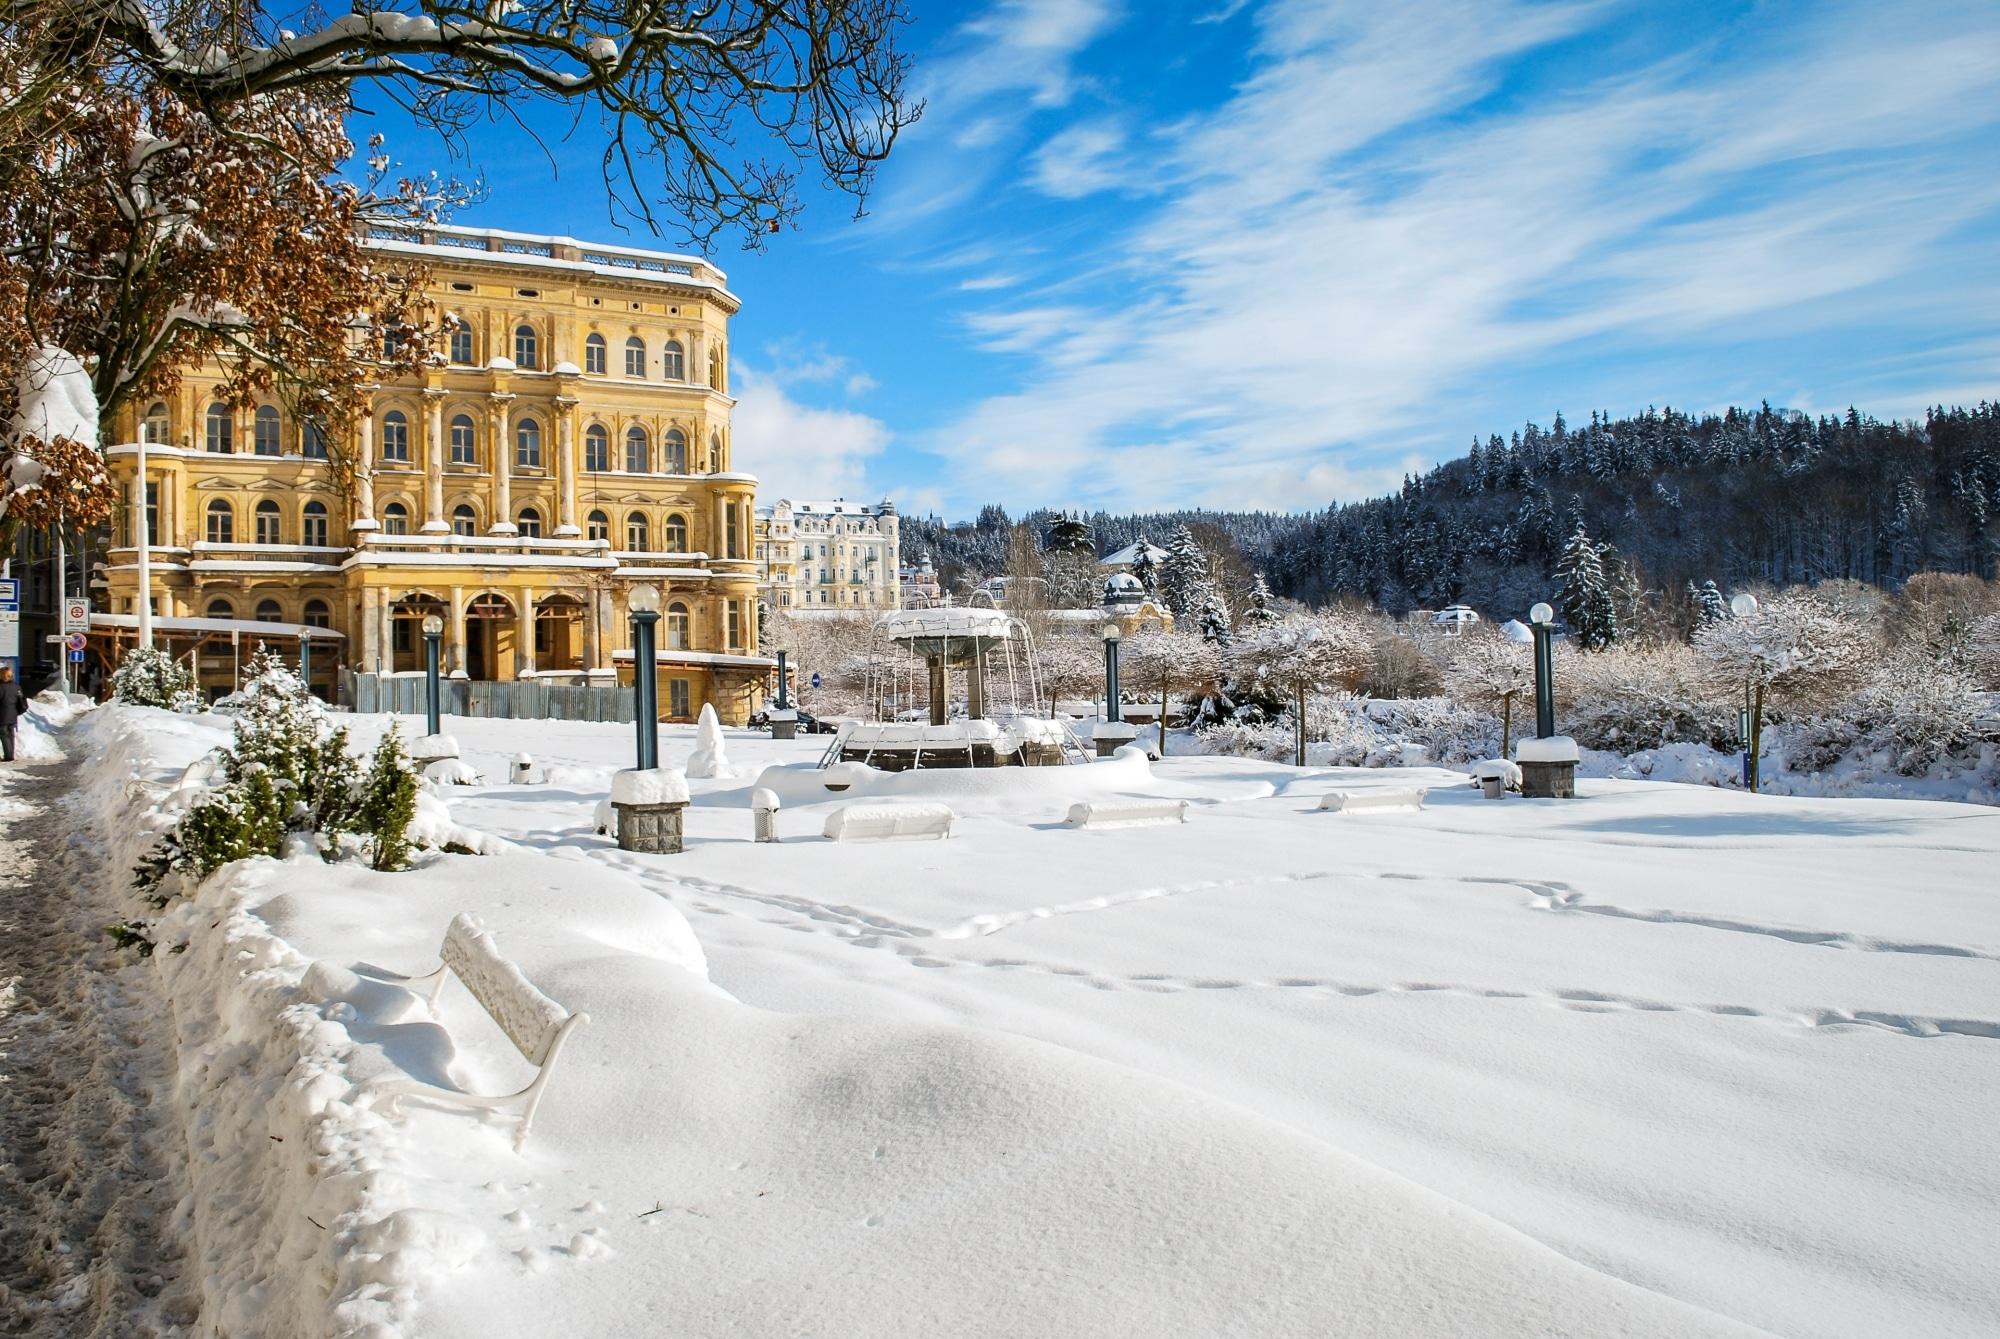 Weihnachtsreise nach Marienbad (c) Adobe Stock